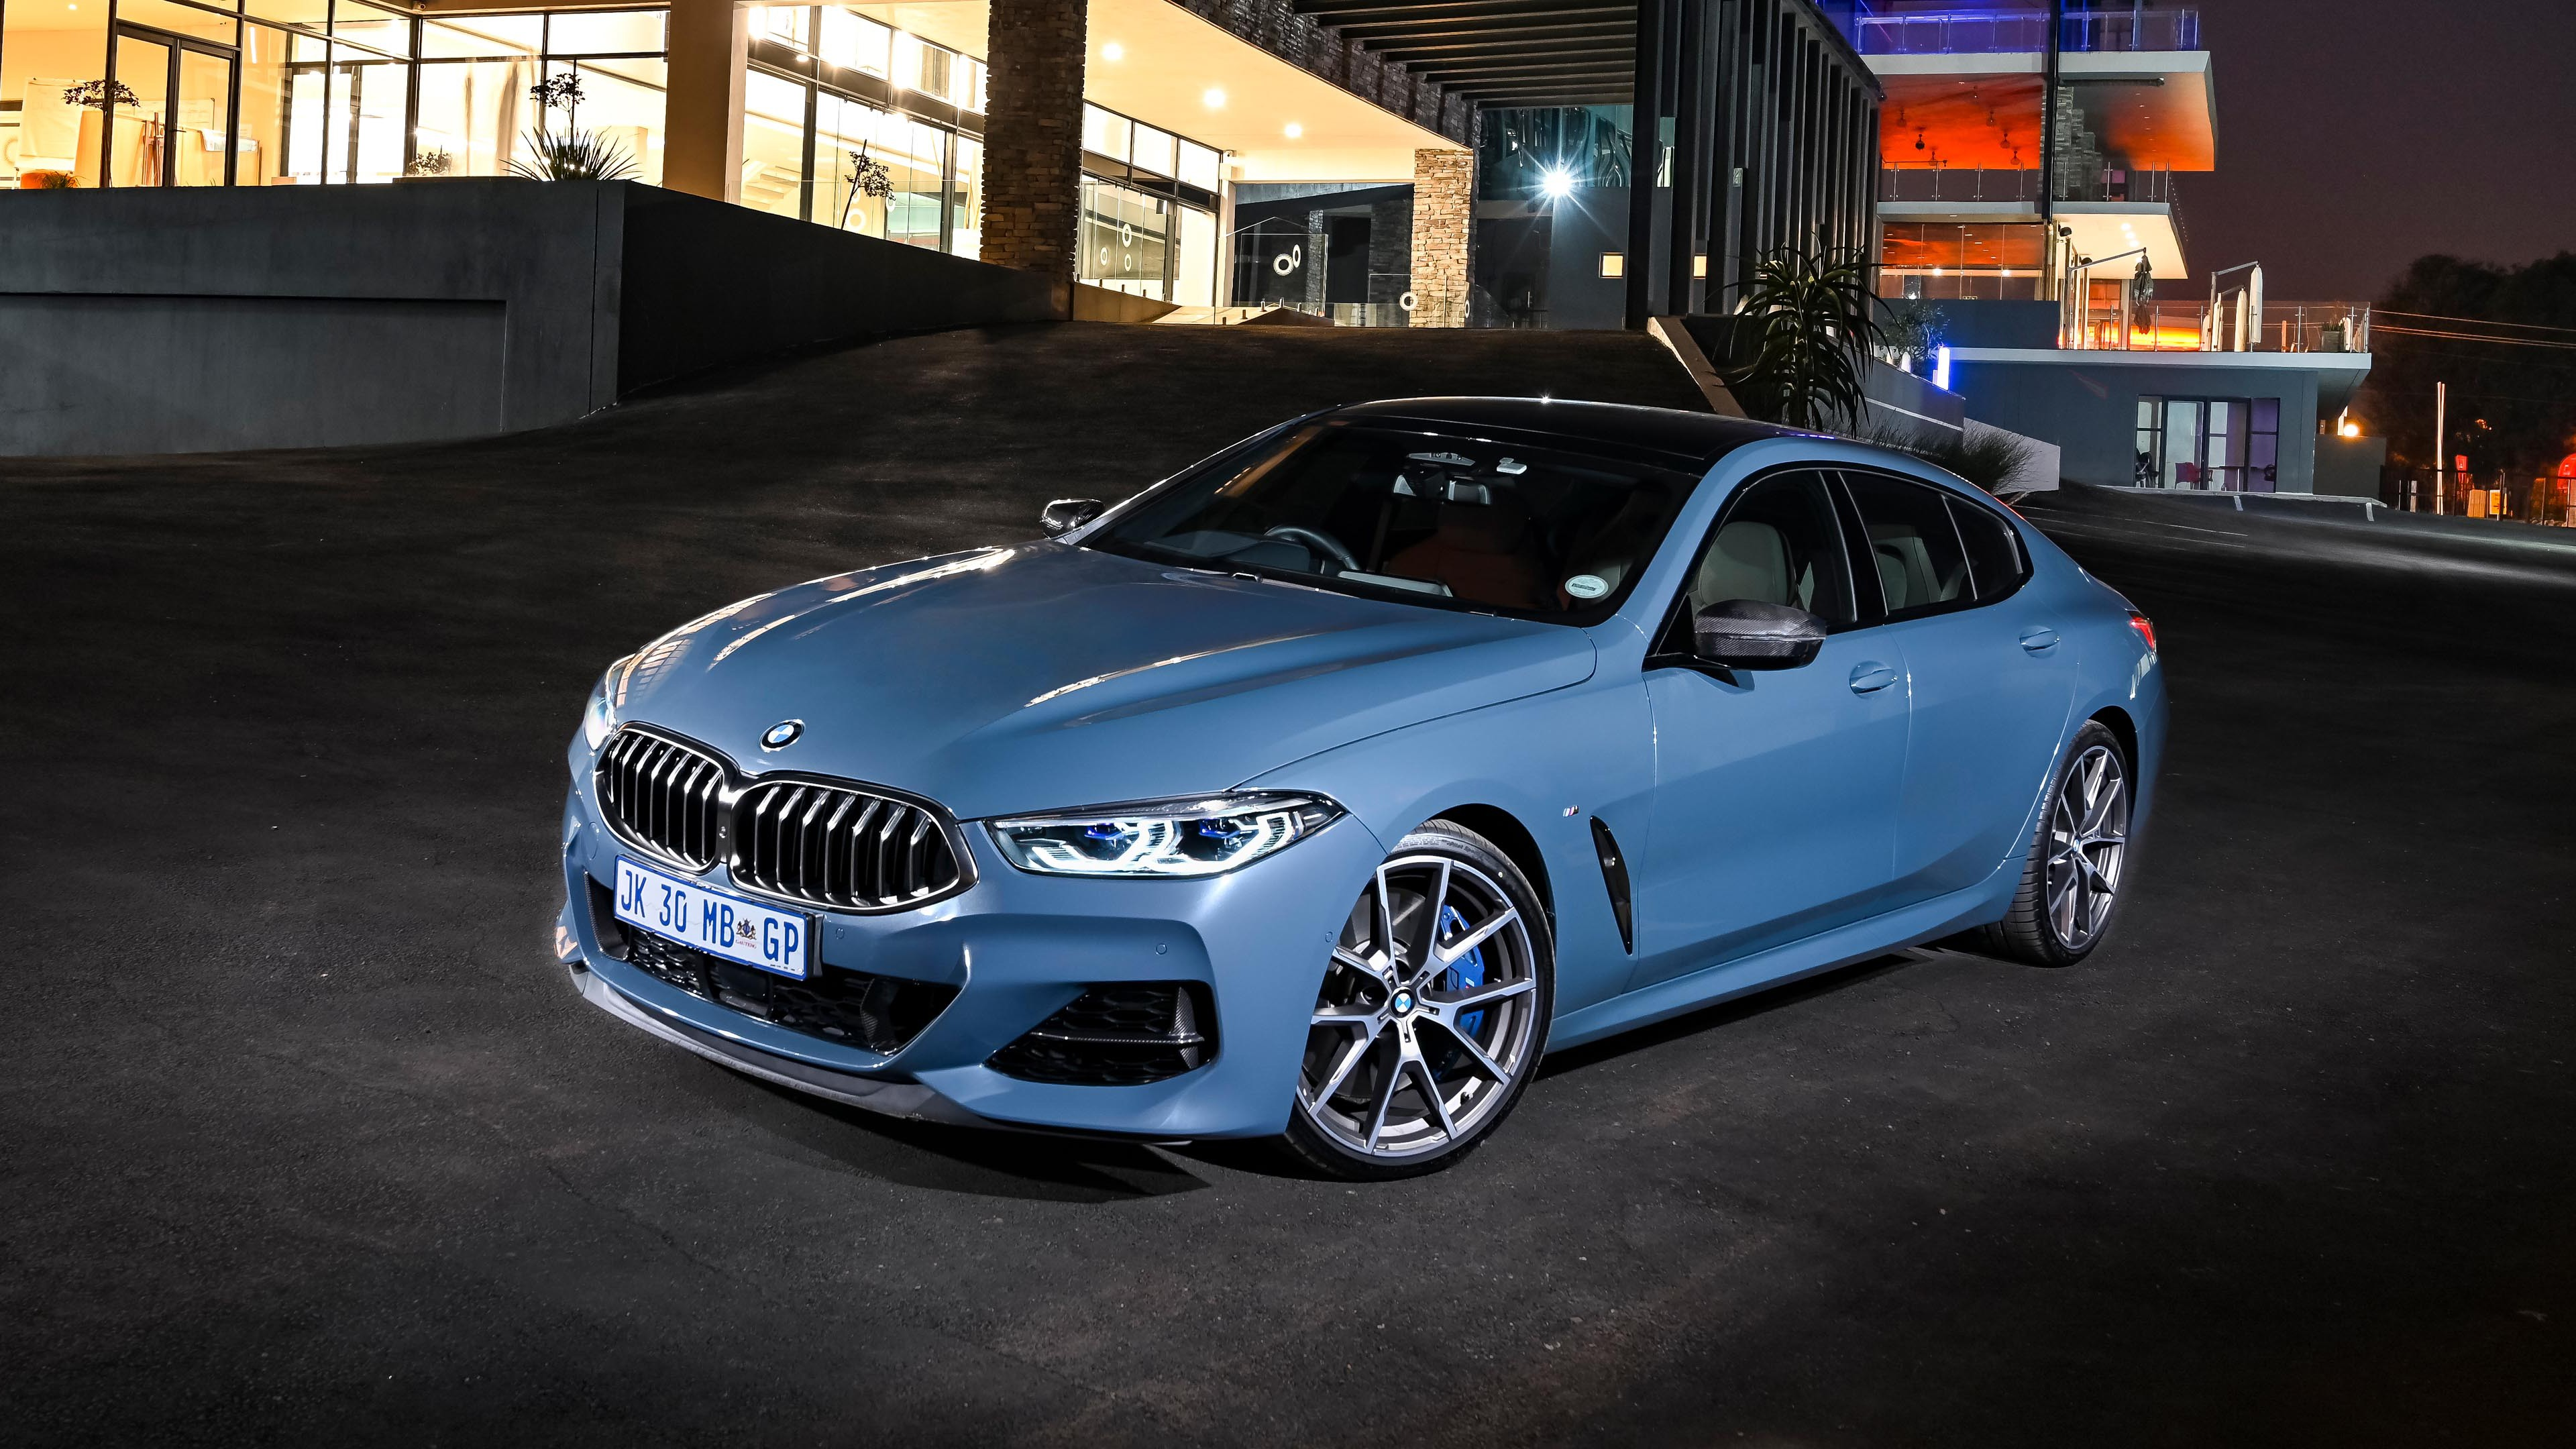 BMW M850i xDrive Gran Coupé 2020 4K 2 Wallpaper | HD Car ...